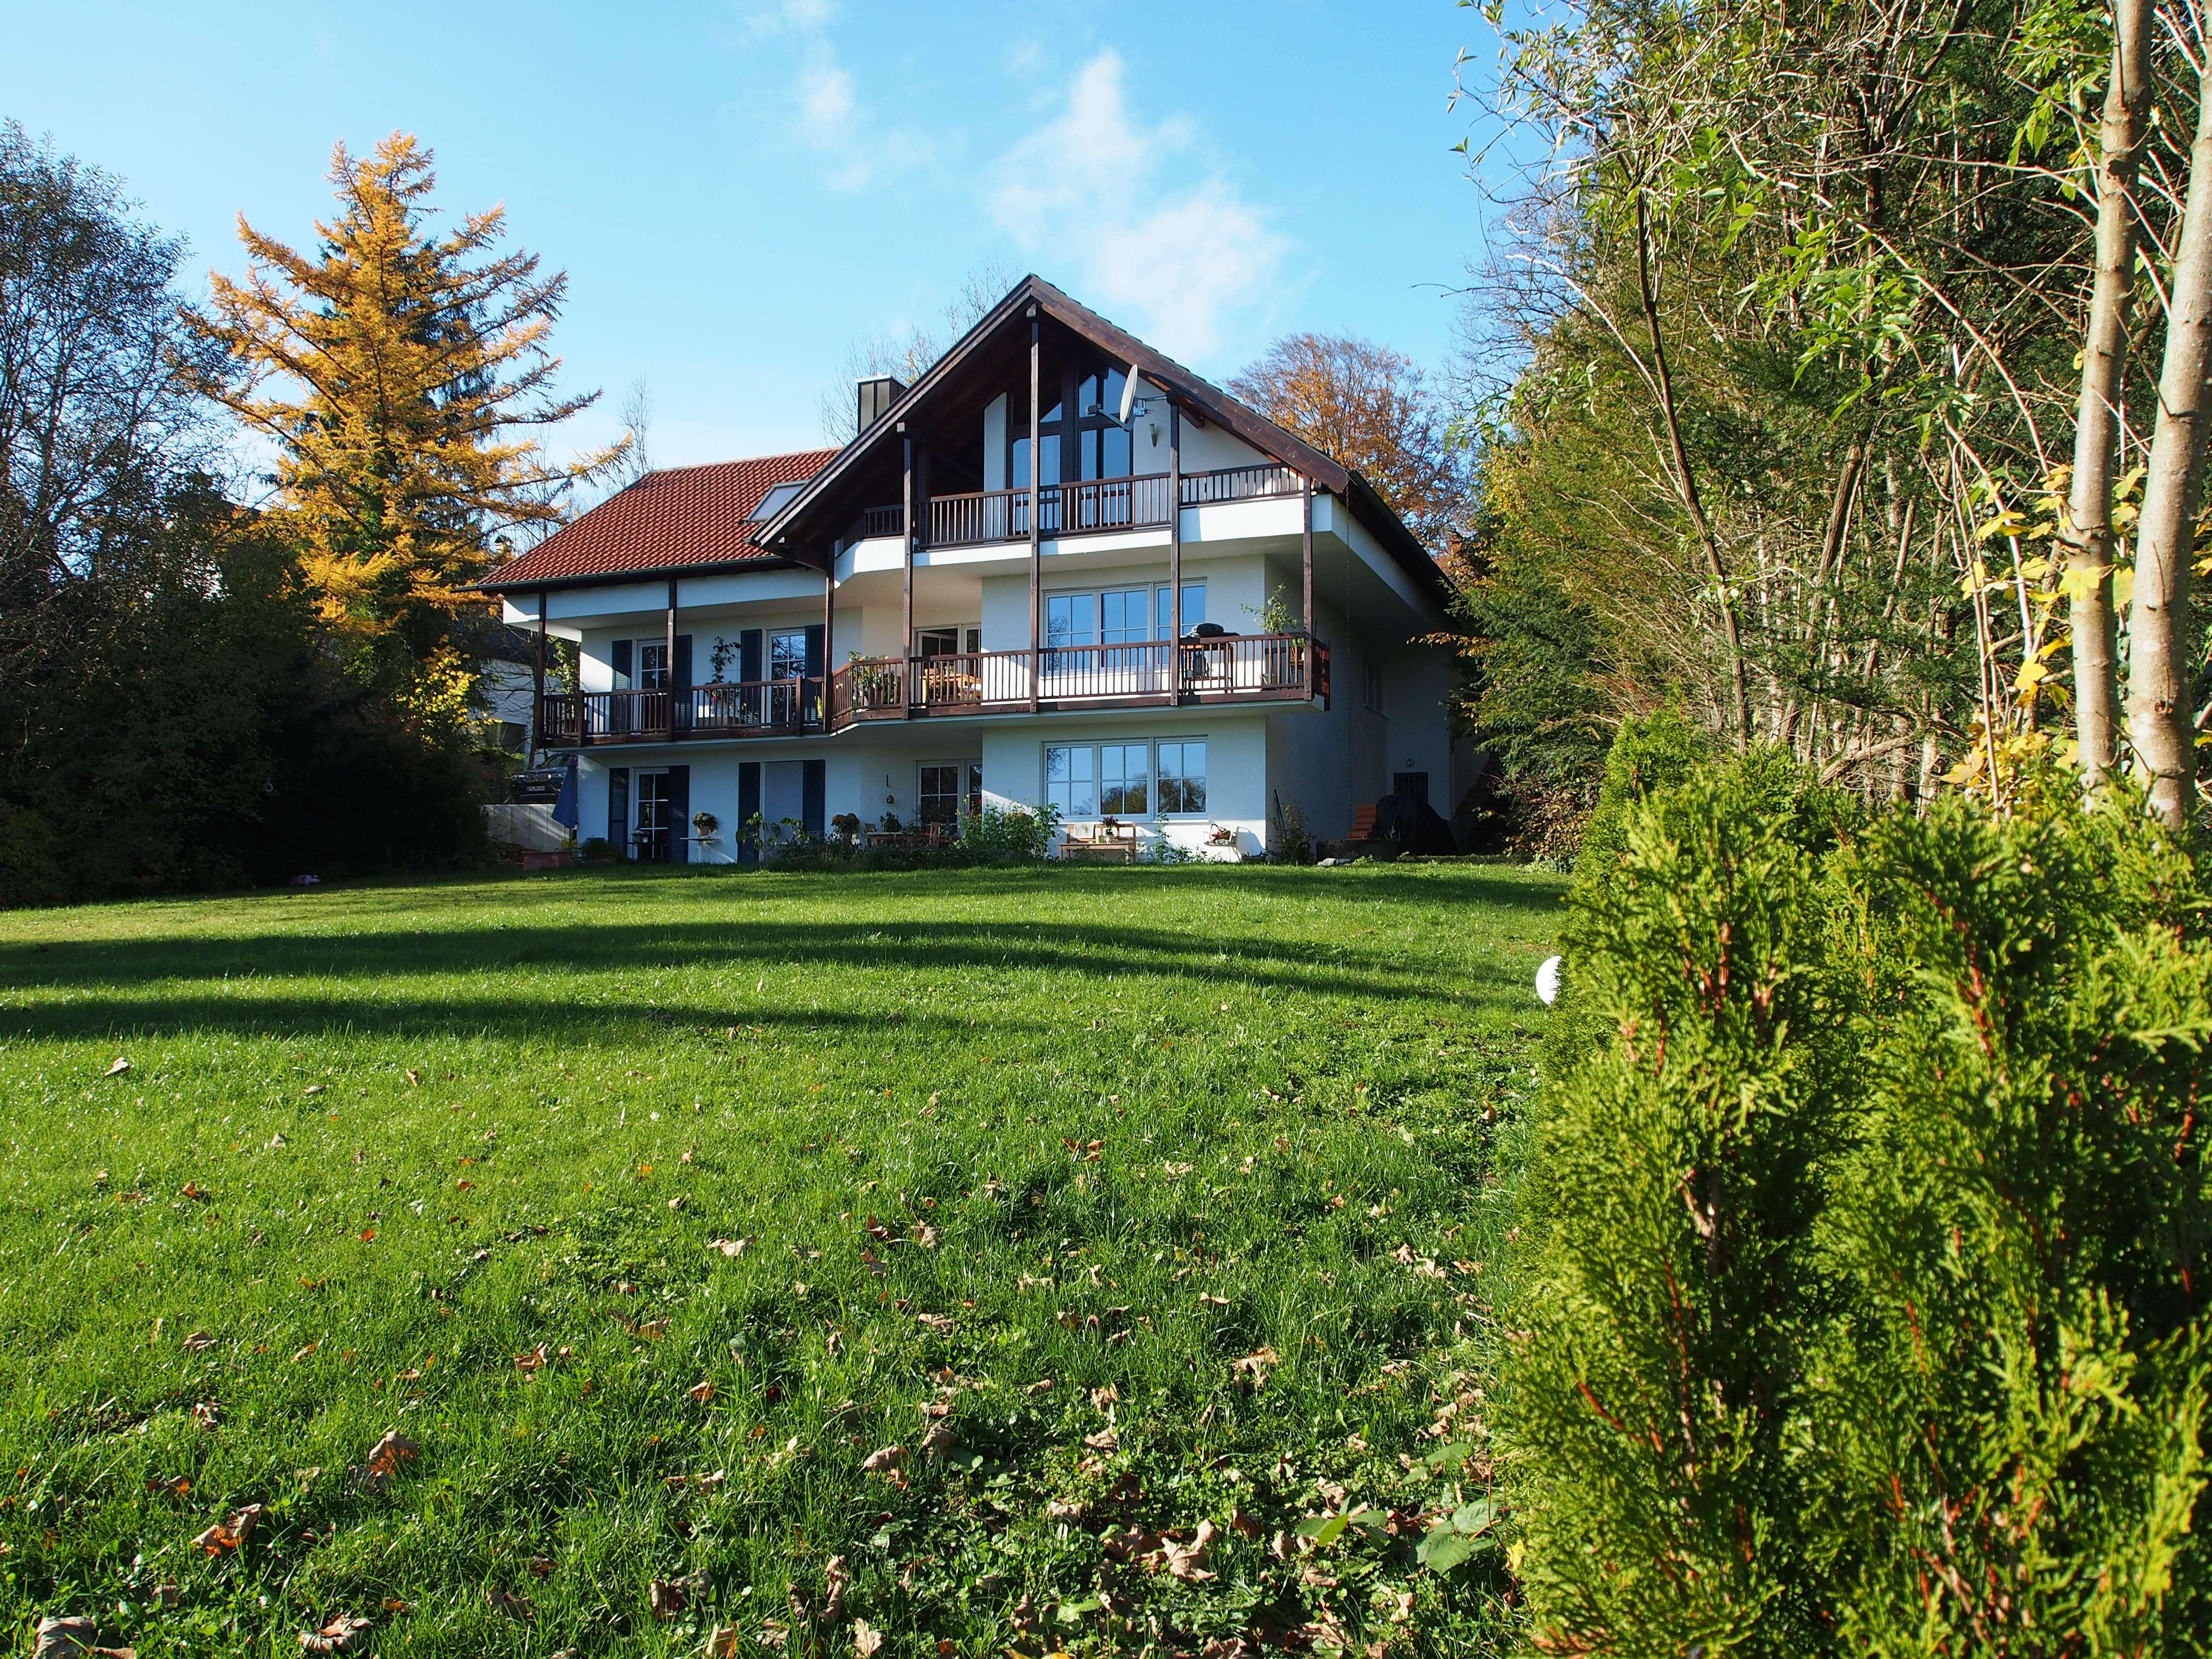 Traumhafte DG-Wohnung, 139 qm, Erstbezug nach vollst. Renovierung in Toplage von Feldafing in Feldafing (Starnberg)